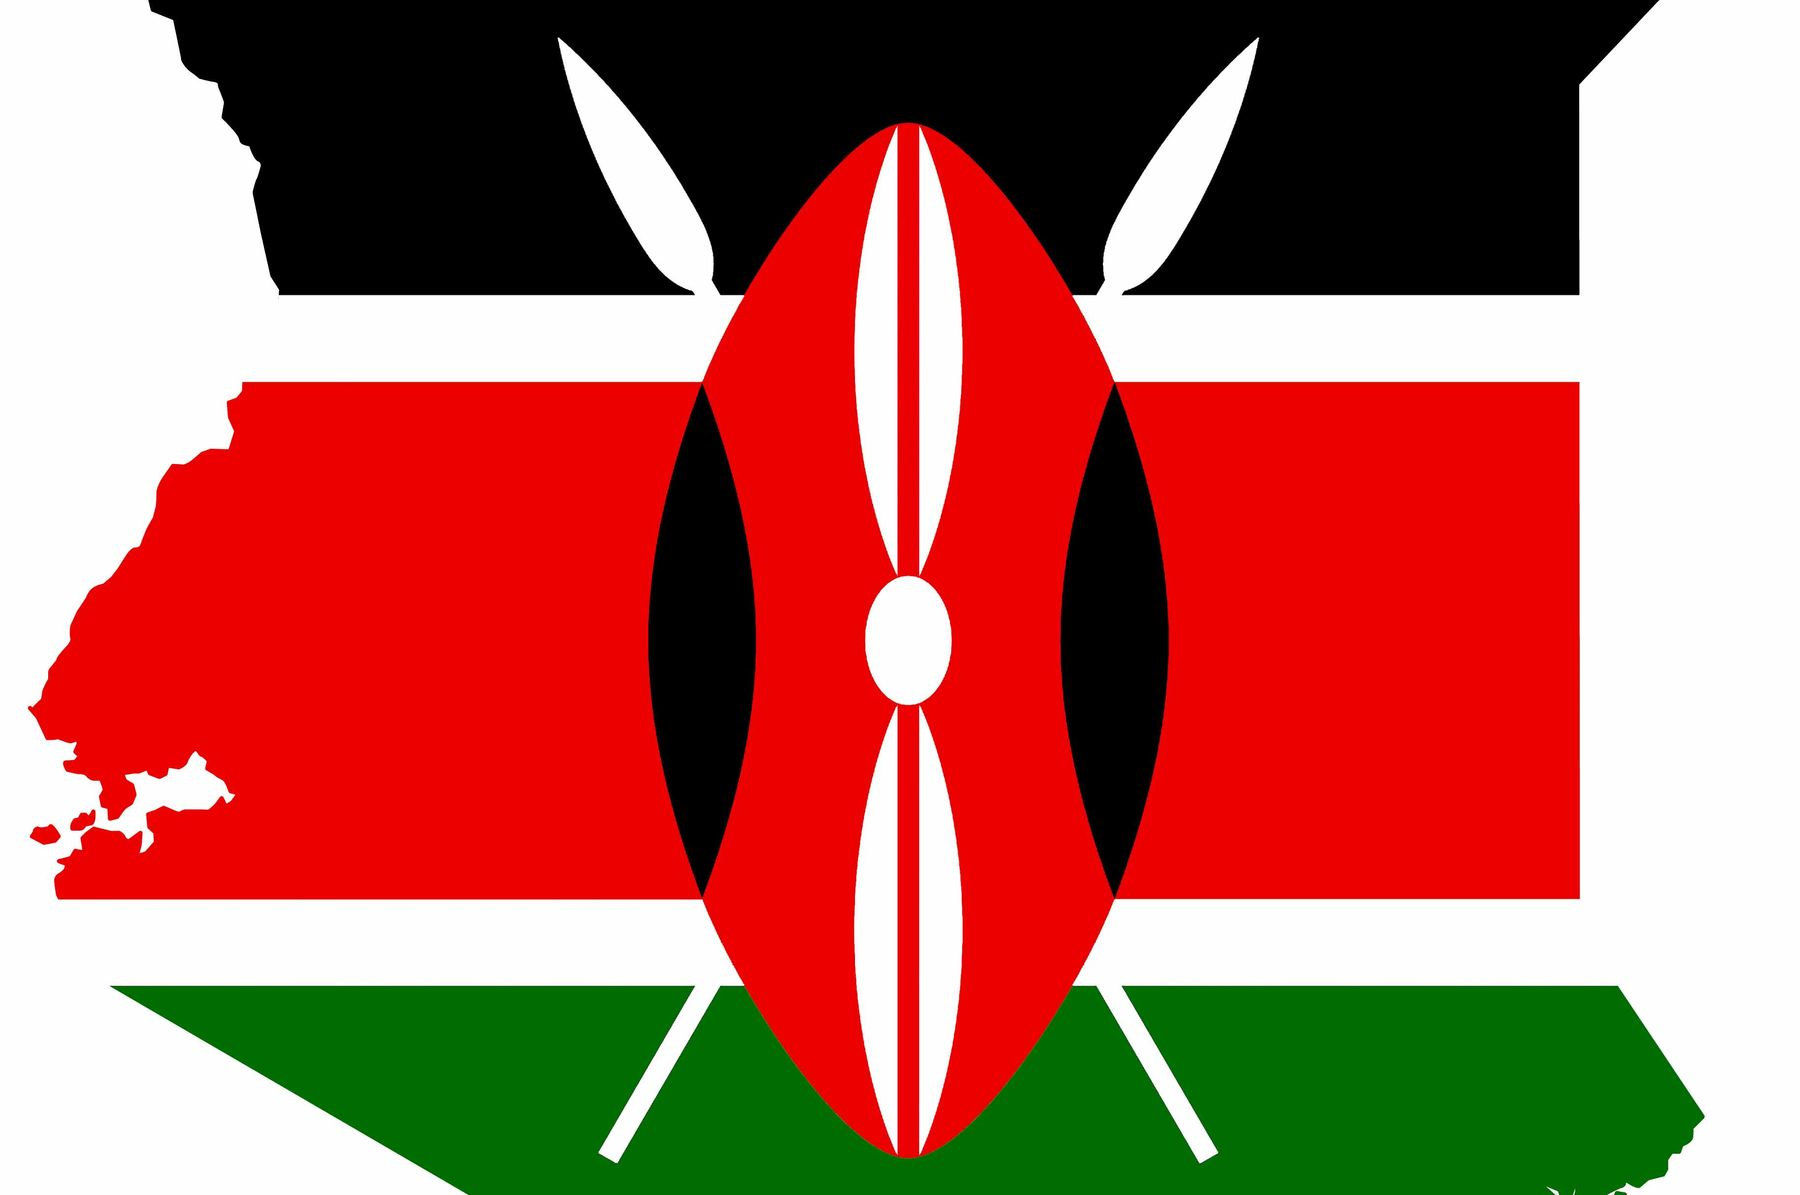 Kenya flag logo